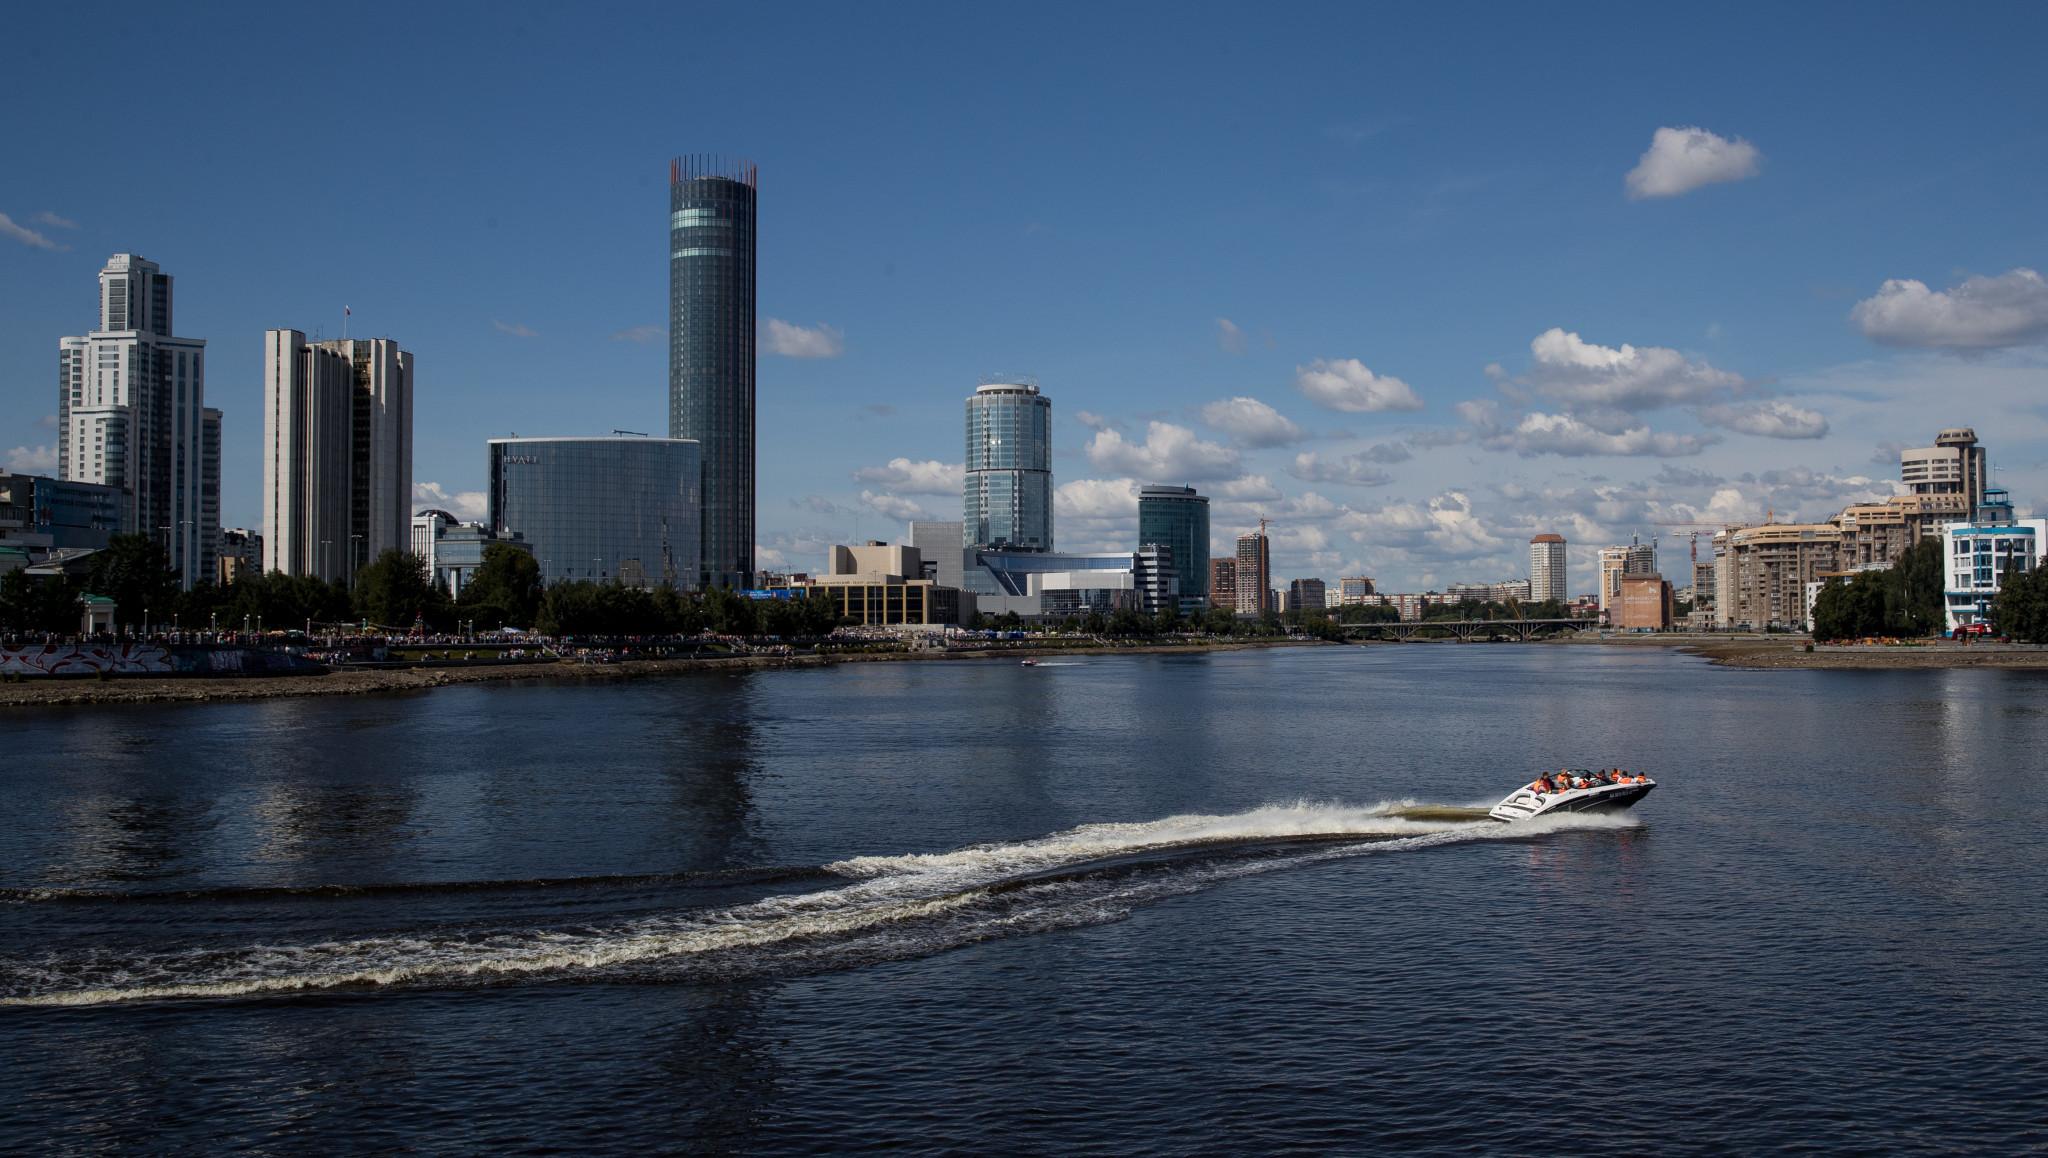 В Екатеринбурге в 2023 году пройдут Всемирные летние студенческие игры © Getty Images